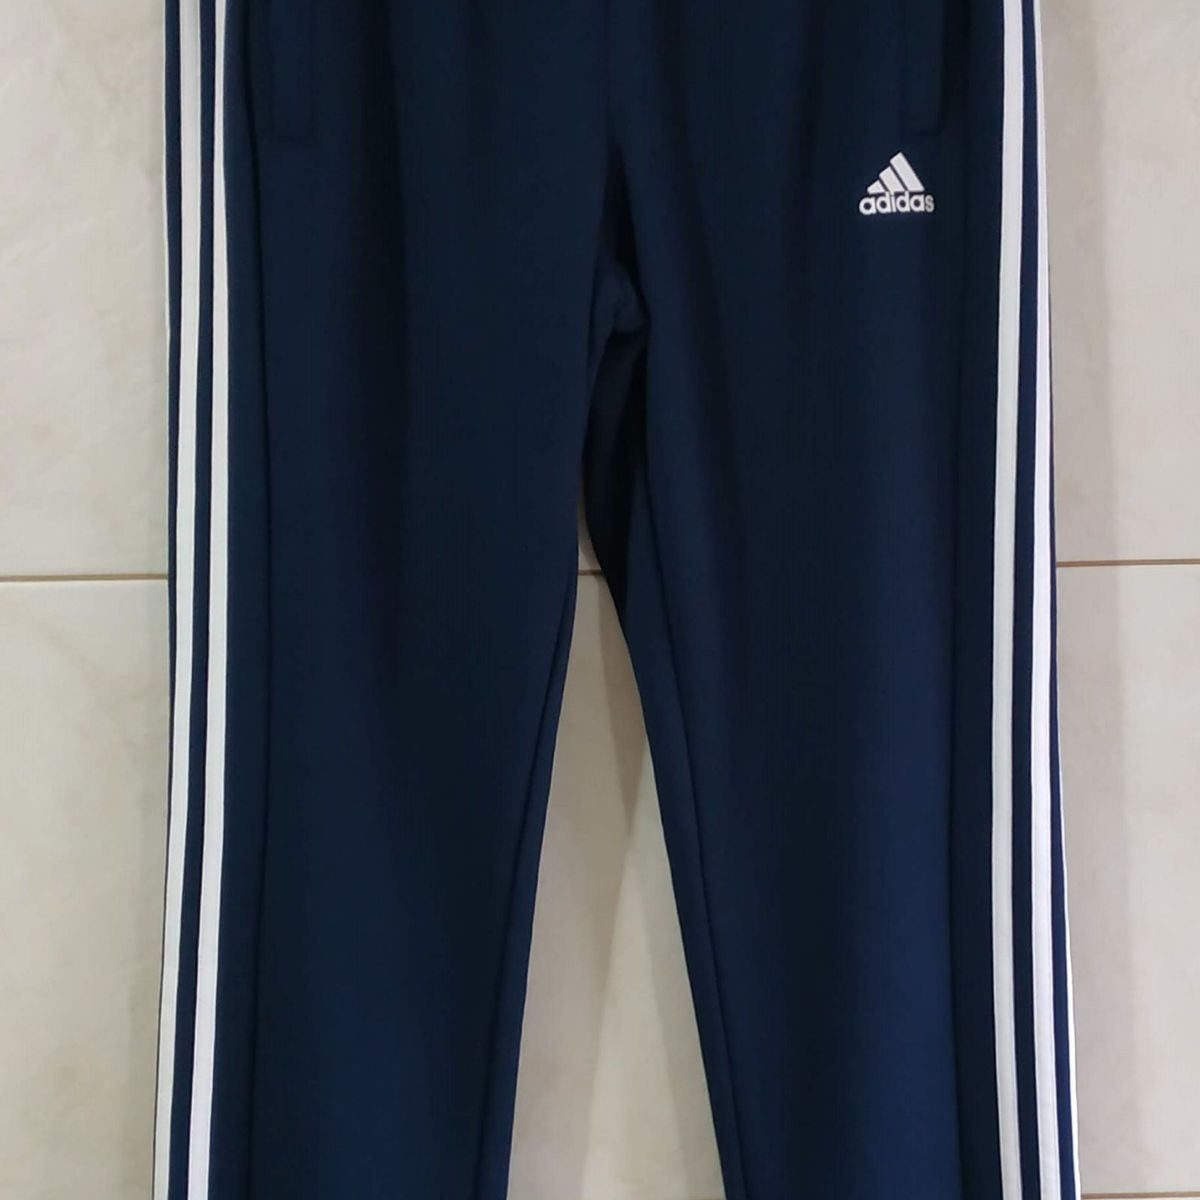 Calça Adidas Performance Reta Tap Auth 1.0 Azul marinhobranca | Calça Masculina Adidas Nunca Usado 34621534 | enjoei